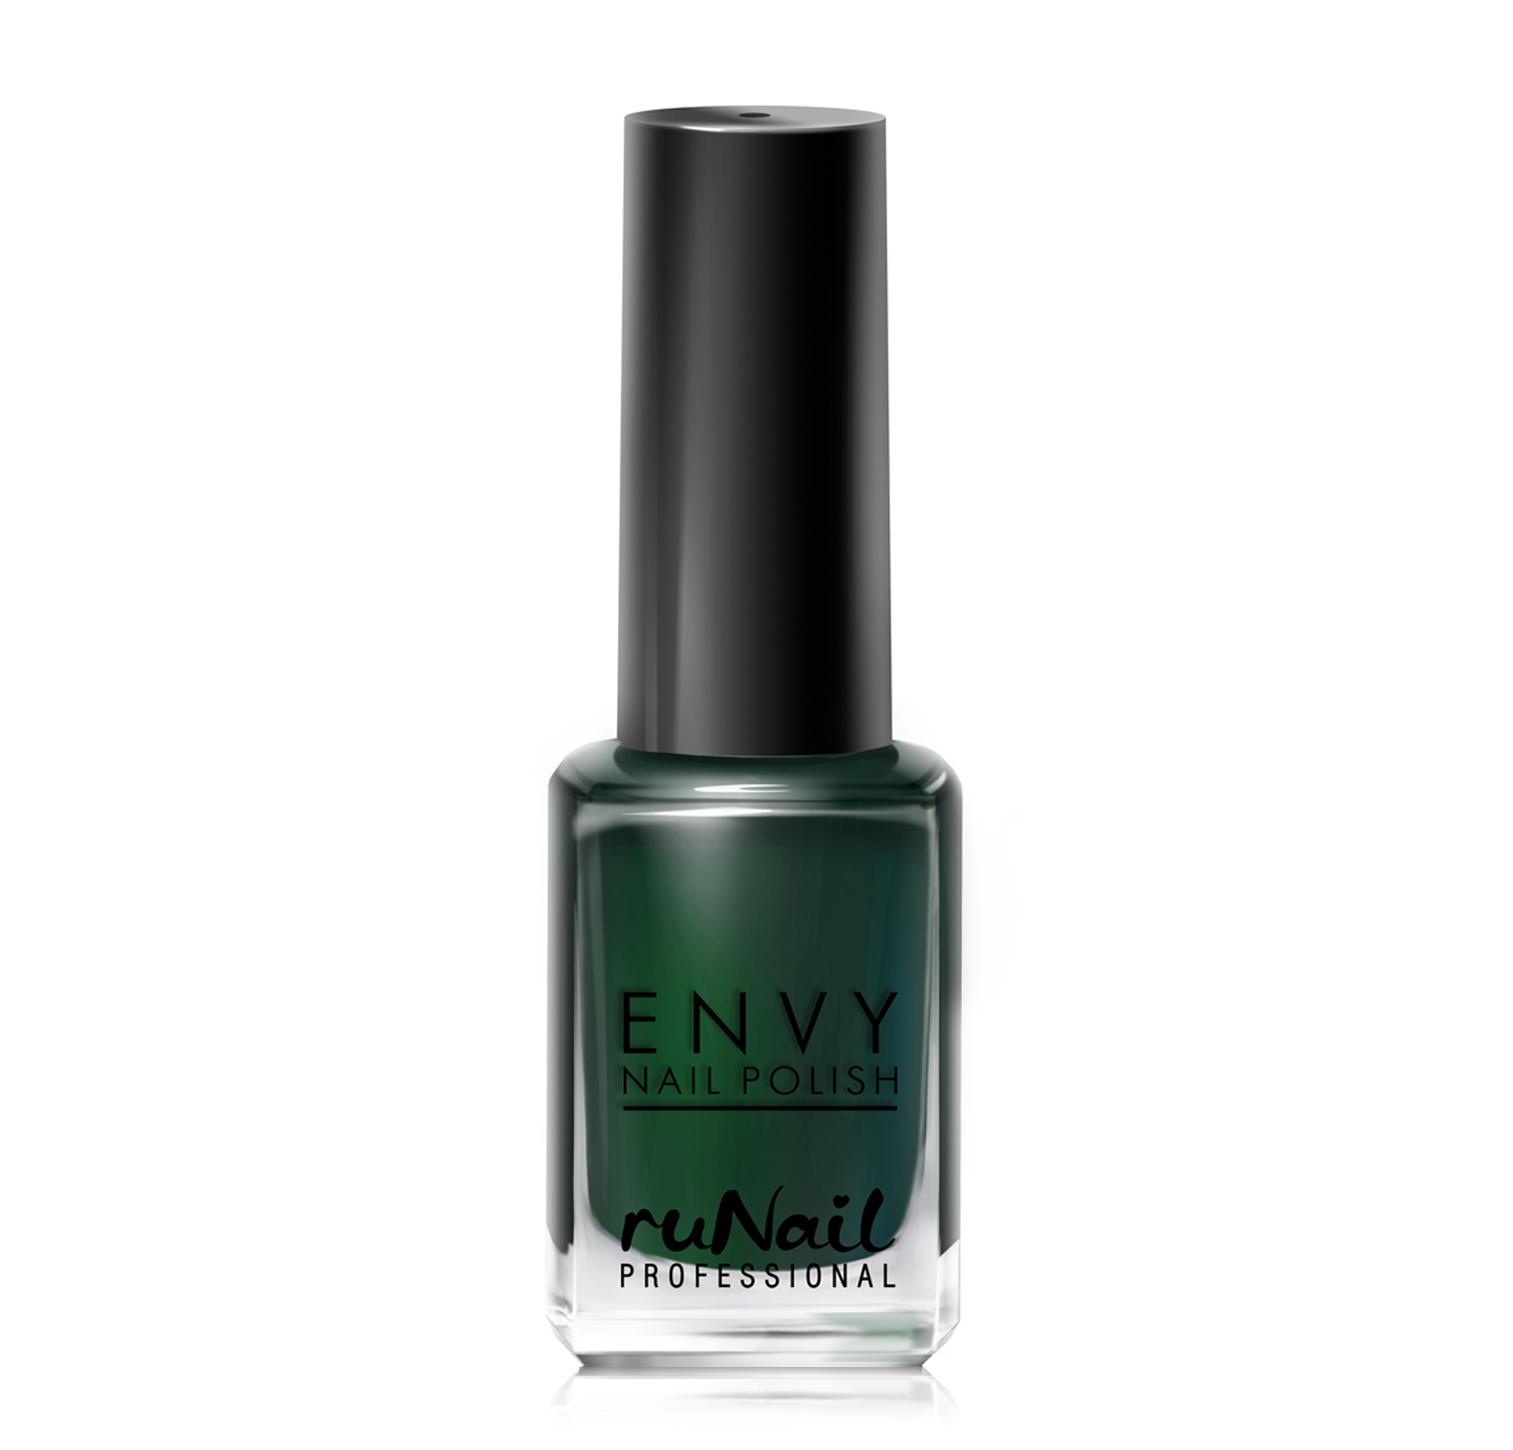 Лак для ногтей Envy, 12 мл, №1581, цвет: Султан №1581